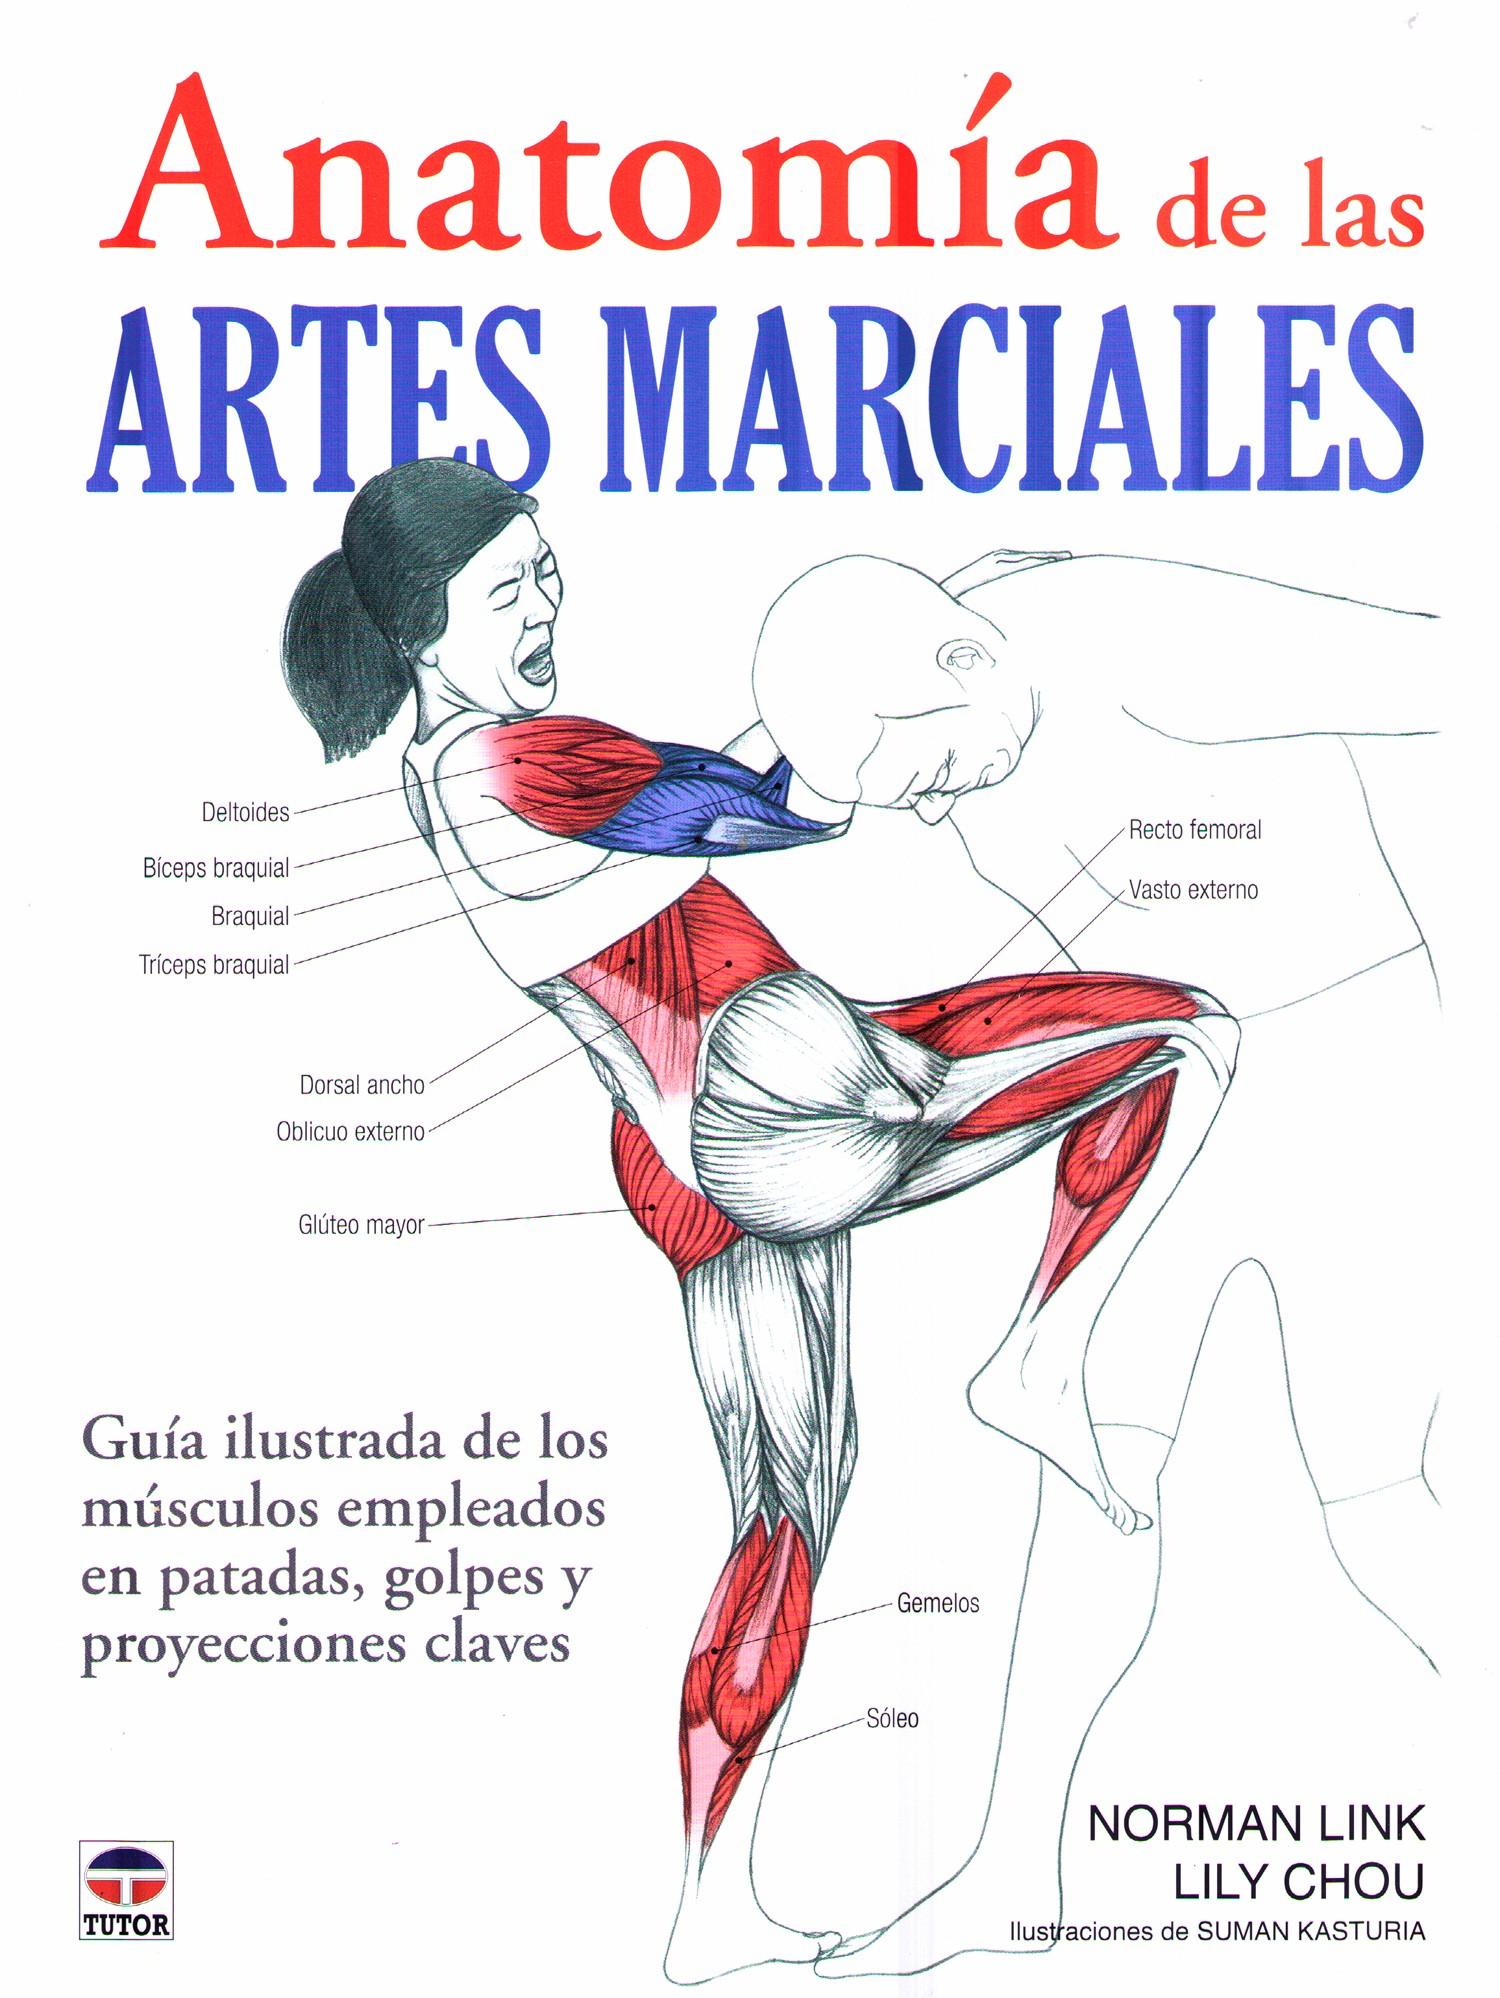 Anatomía de las ARTES MARCIALES - Guía ilustrada - Premierdan.com ...